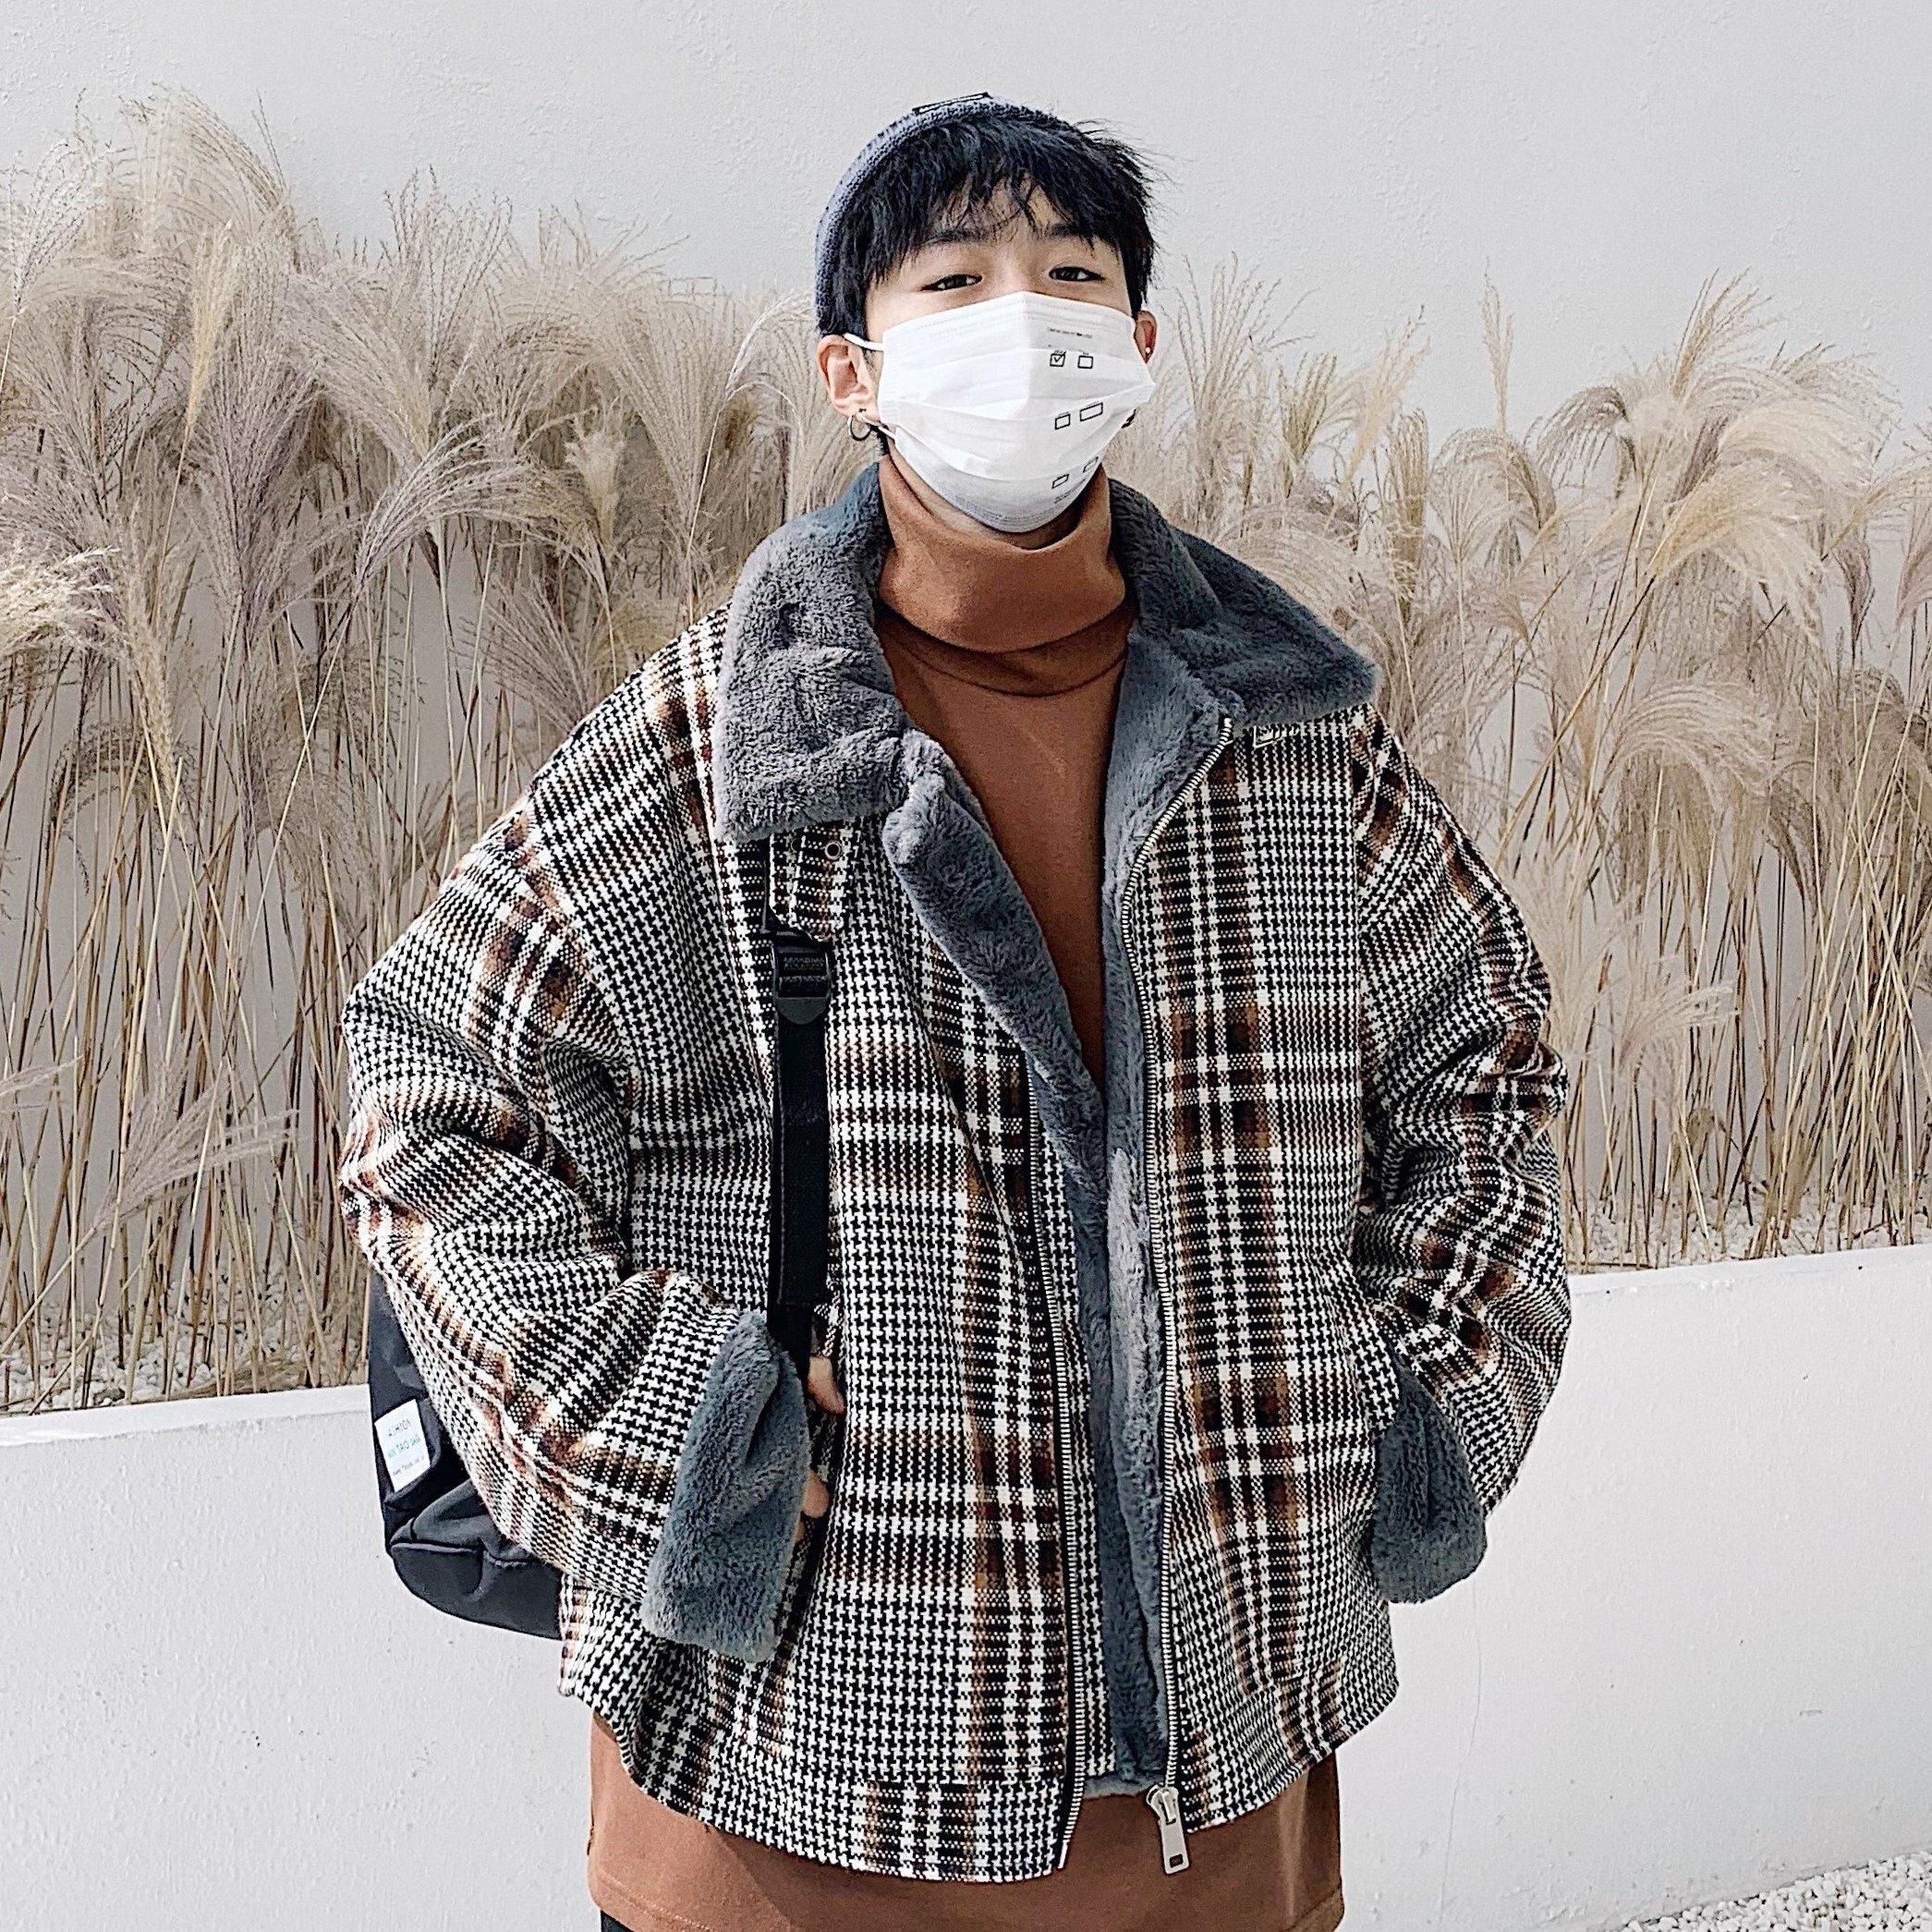 FINDSENSE品牌 秋冬季 新款 韓國 嘻哈純色 復古 長袖 運動 加絨加厚 寬鬆顯瘦 外套  時尚 潮流上衣